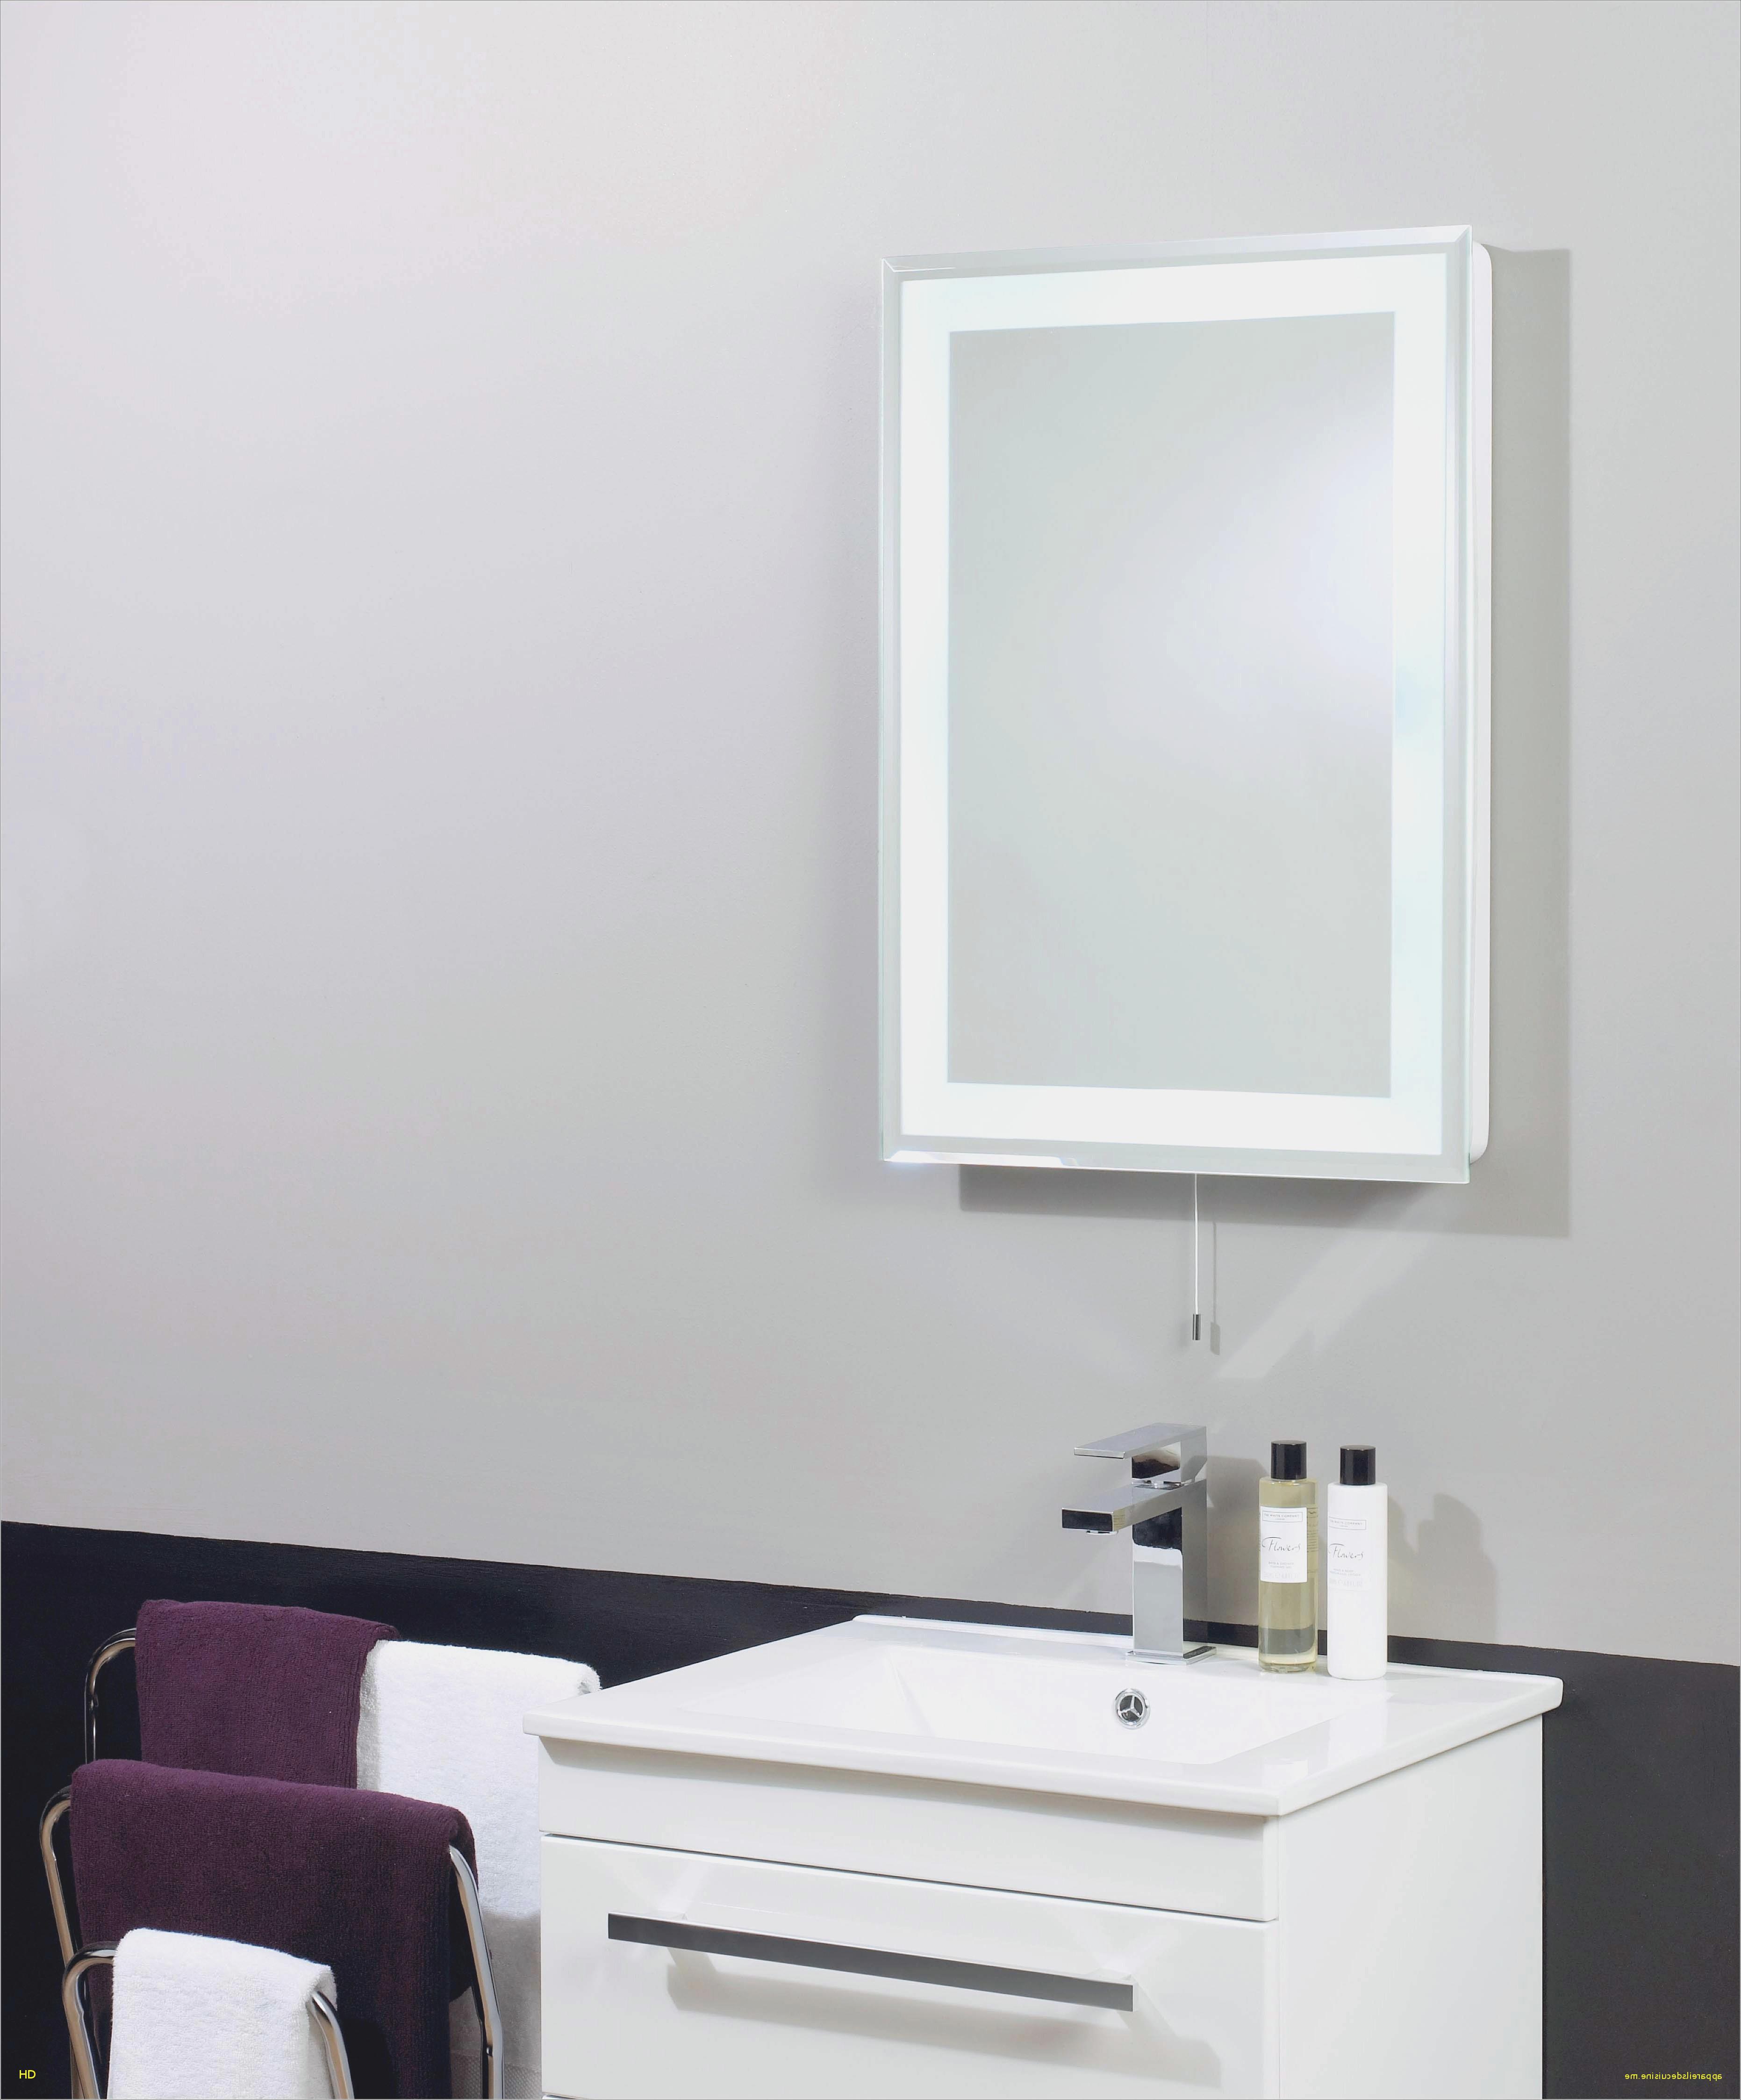 Luminaires Salle De Bain Ikea Beau Galerie 20 élégant Lumiere Pour Salle De Bain Bain